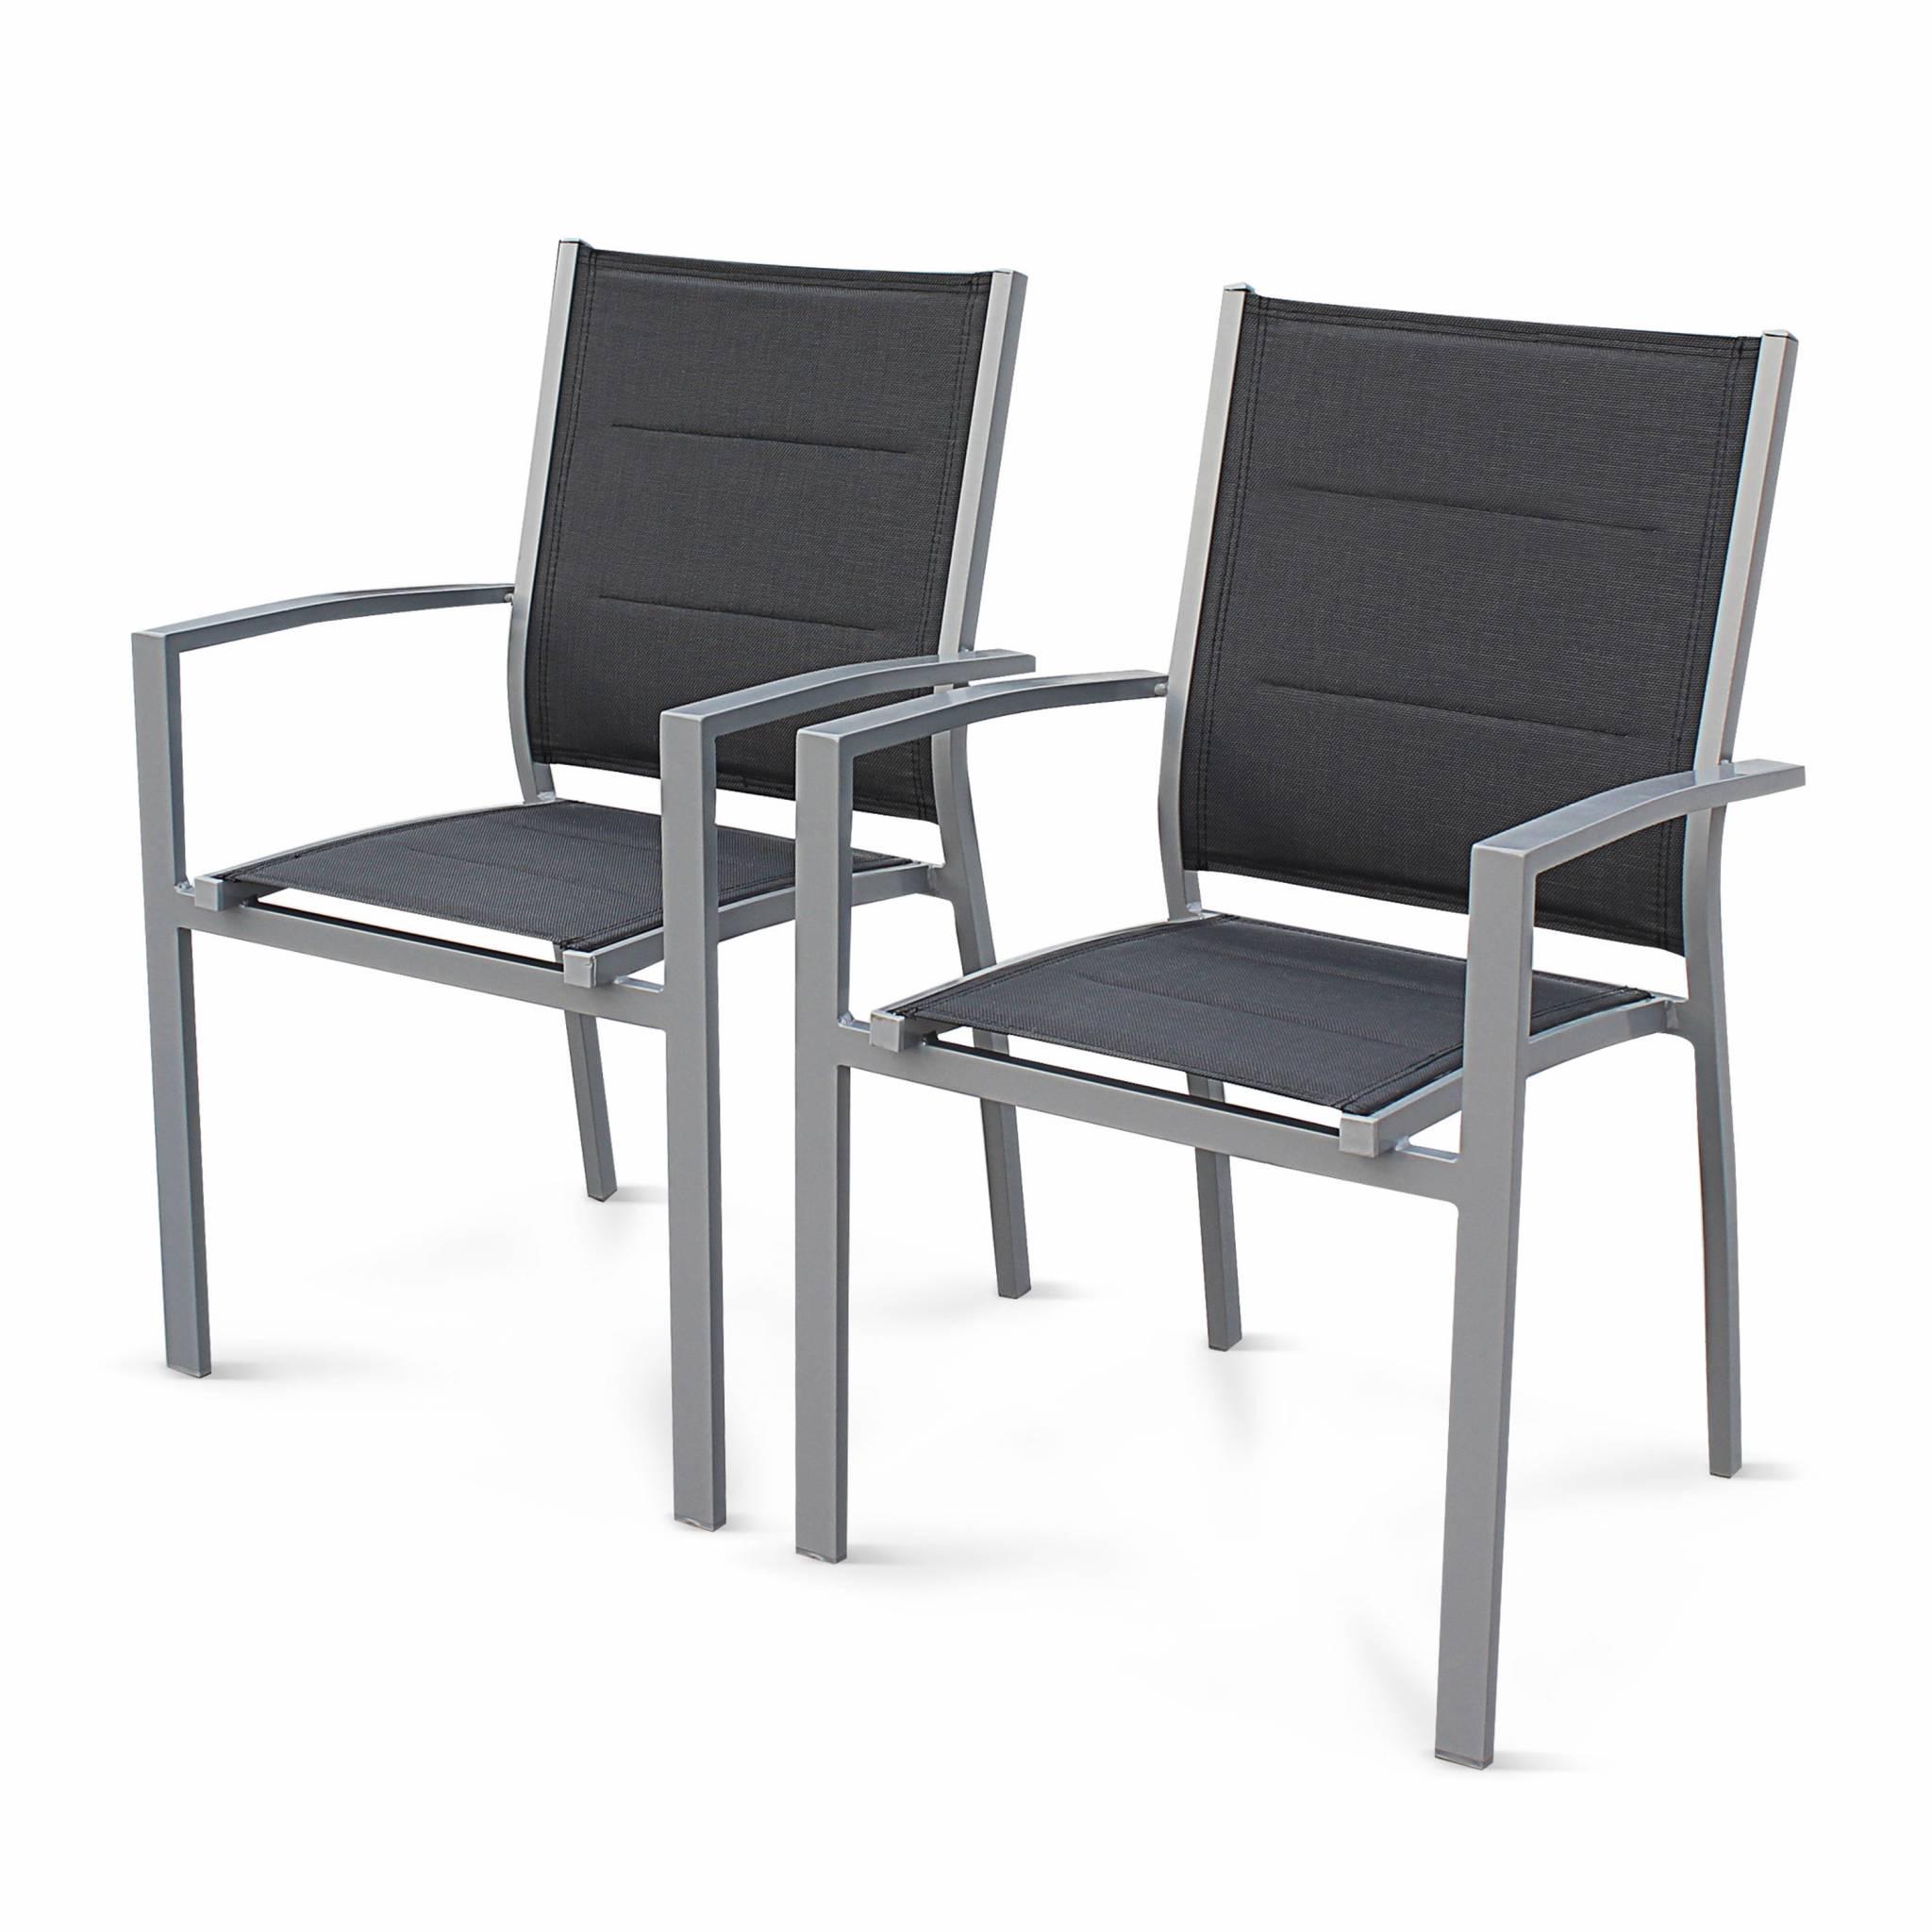 Lot de 2 fauteuils en aluminium gris et textilène anthracite